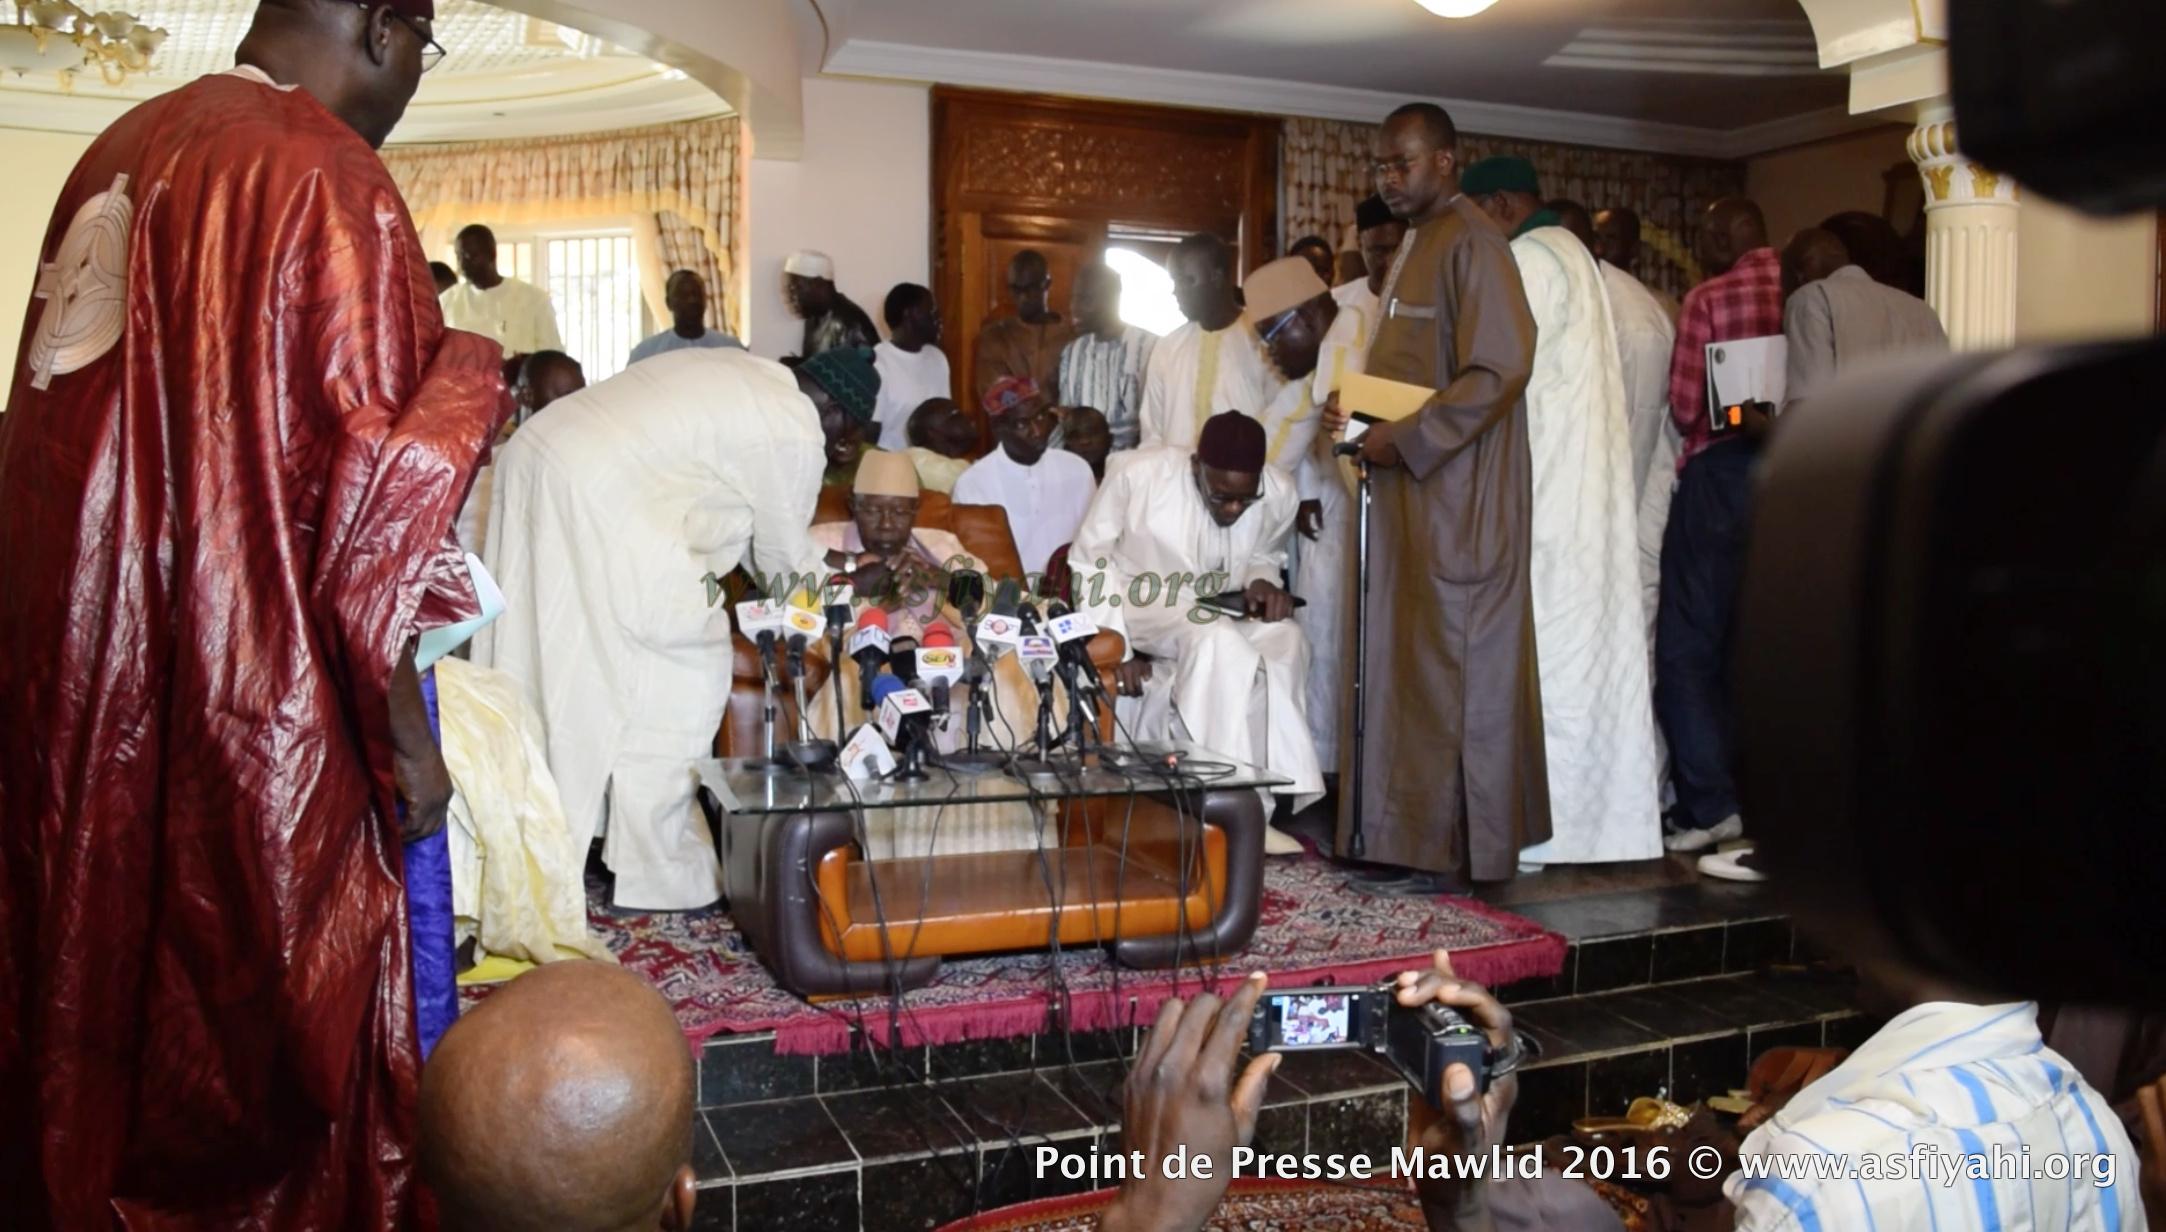 PHOTOS - GAMOU TIVAOUANE 2016 - Les Images de la Conférence de Presse de Serigne Abdoul Aziz Sy Al Amine